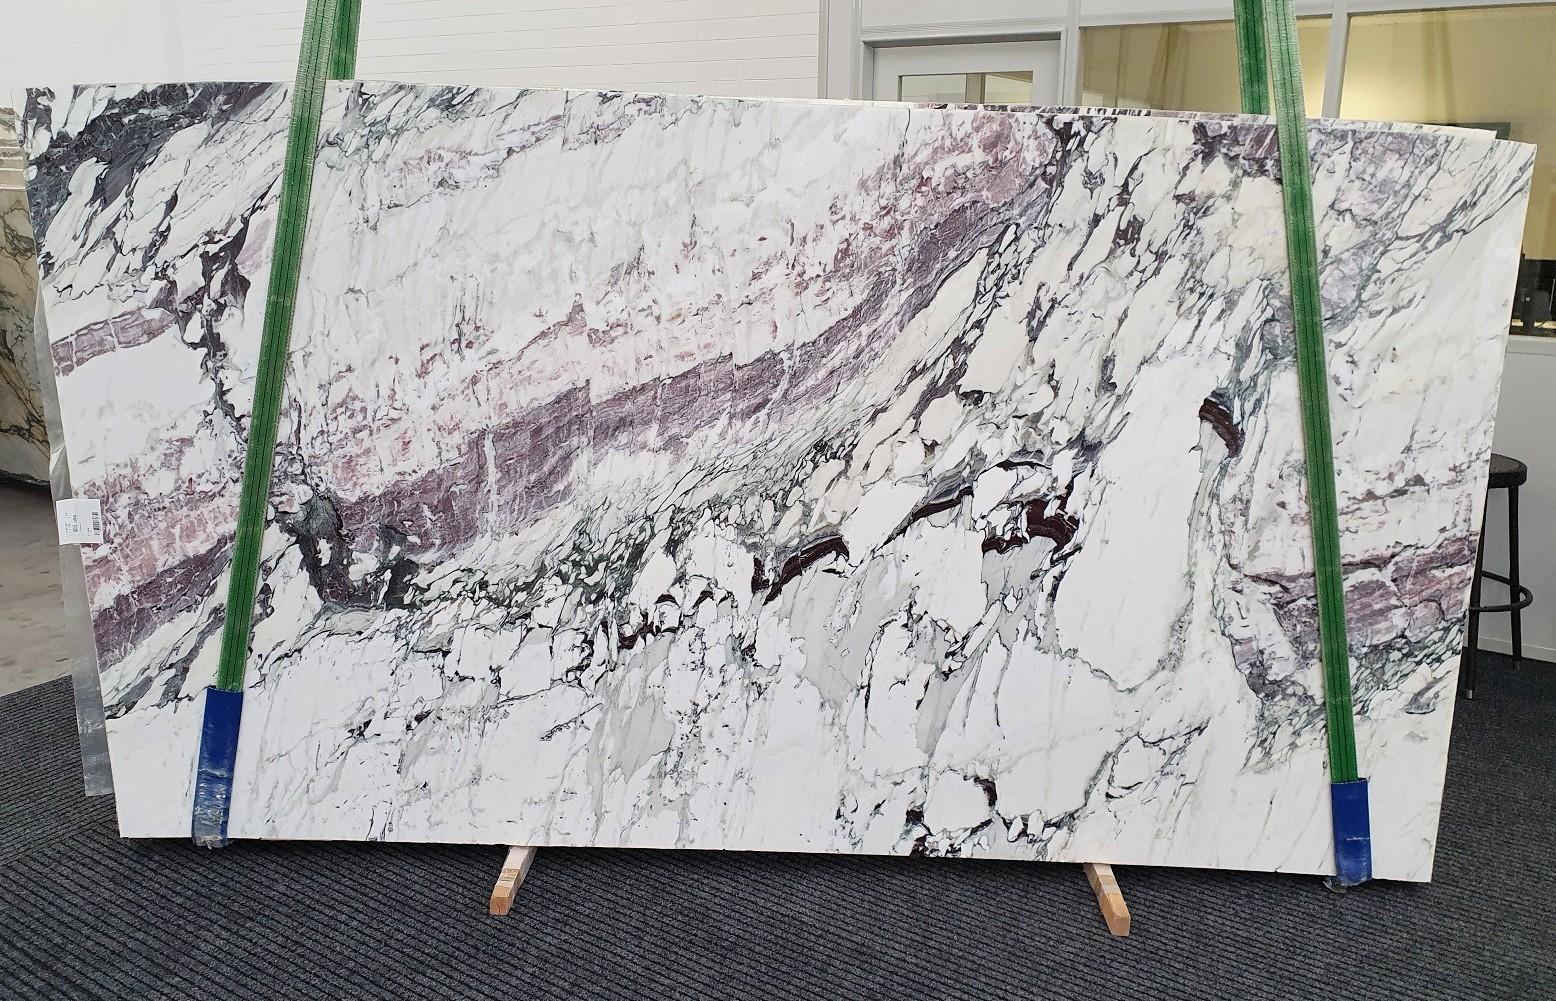 BRECCIA CAPRAIA Suministro Veneto (Italia) de planchas pulidas en mármol natural 1282 , Slab #01